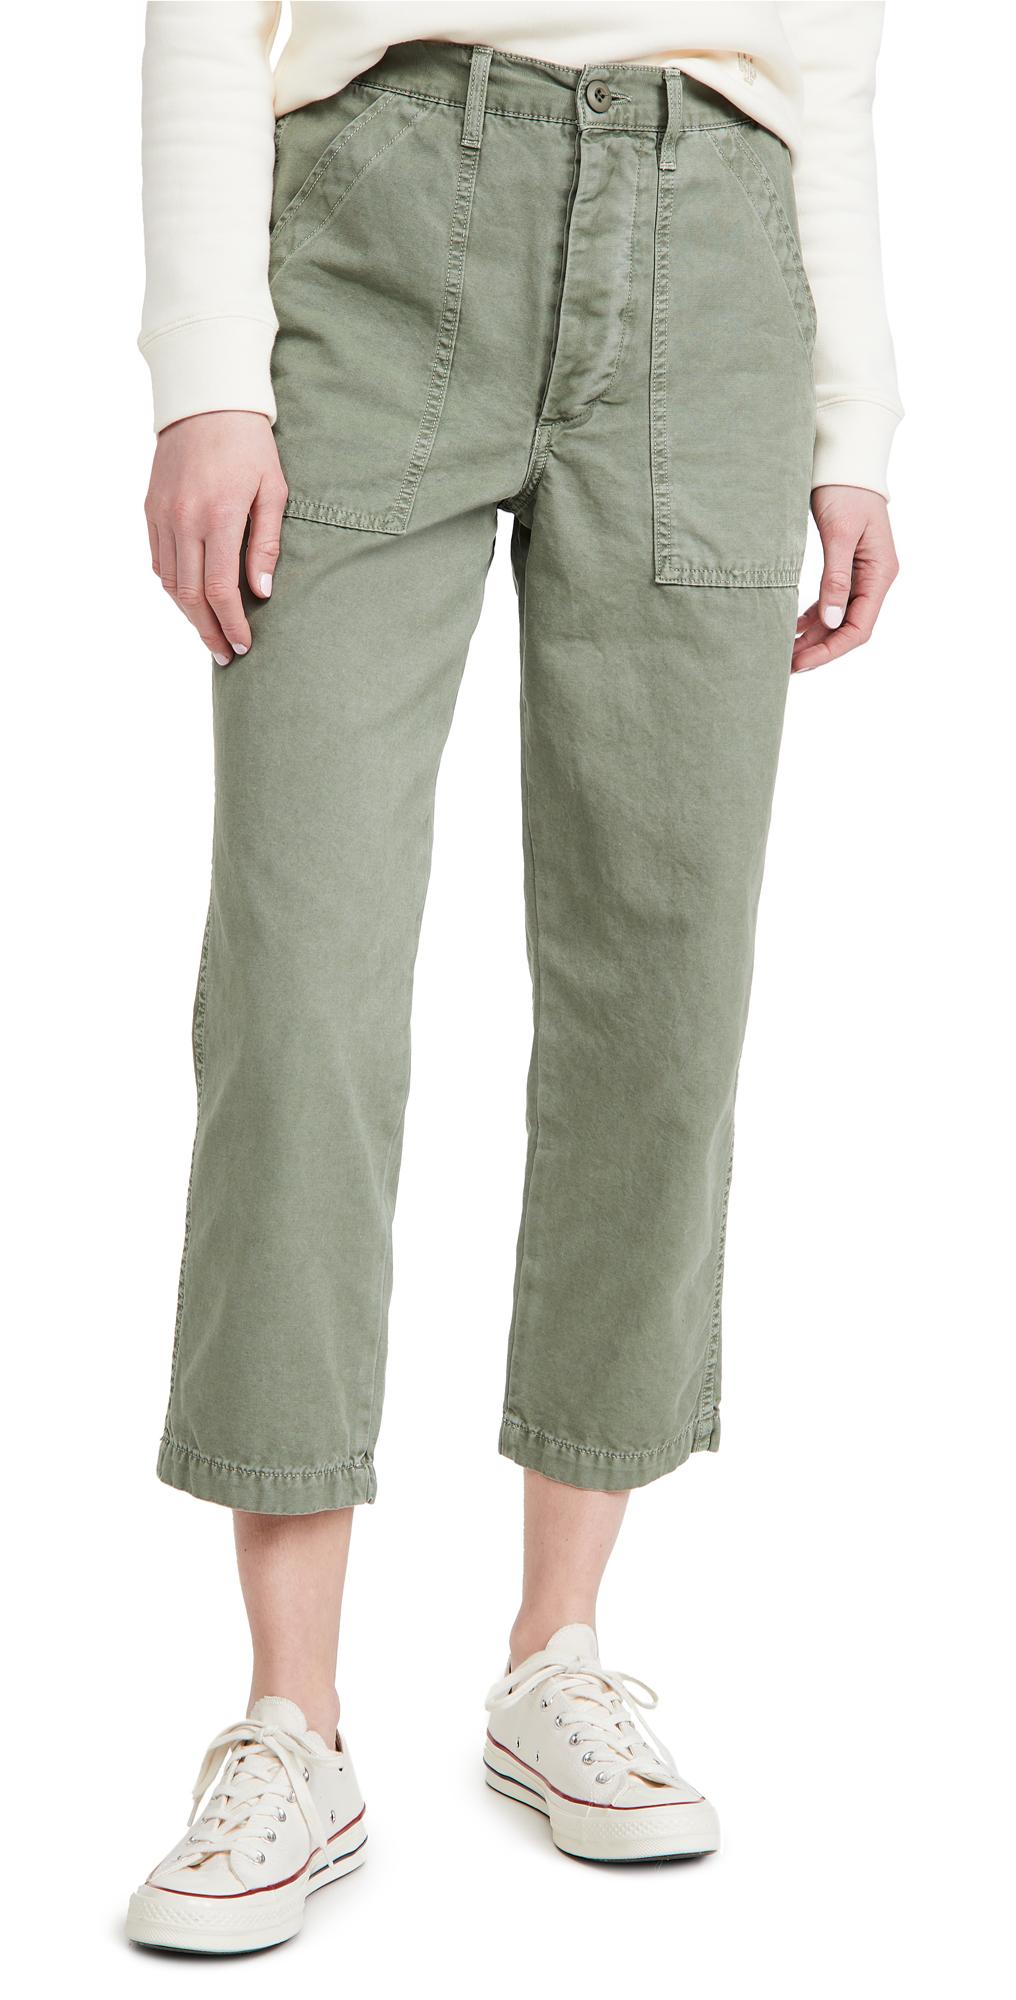 Ranger Pants